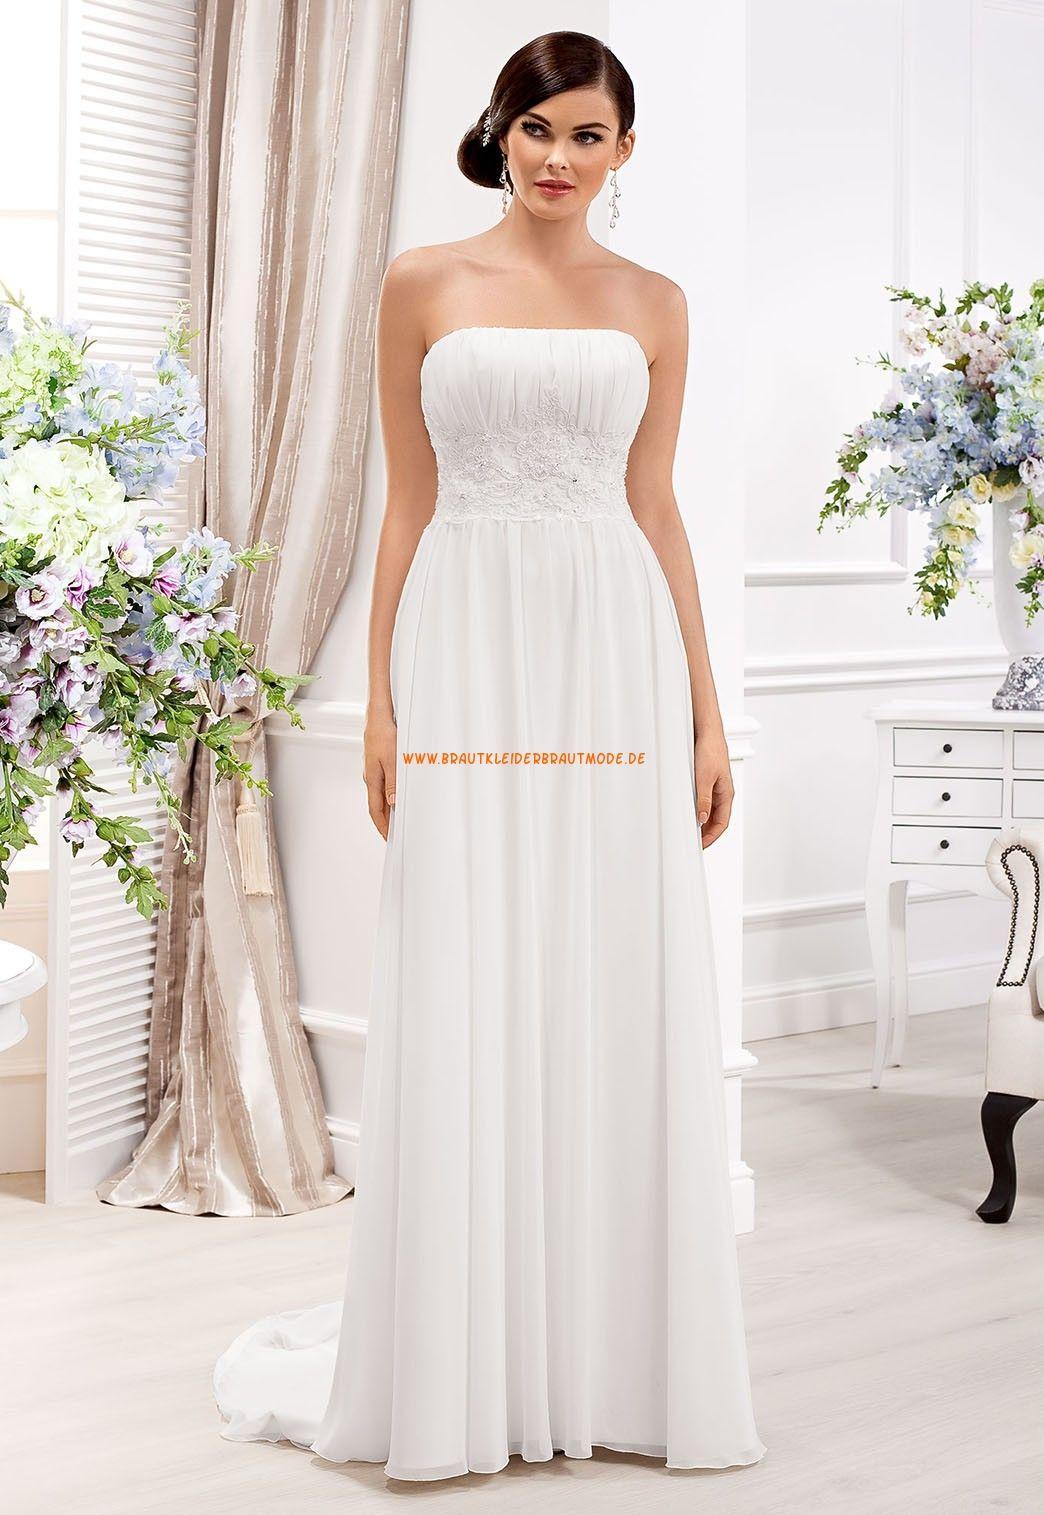 Wunderschön Schlicht Designer brautkleider aus Chiffon | Brautkleid ...